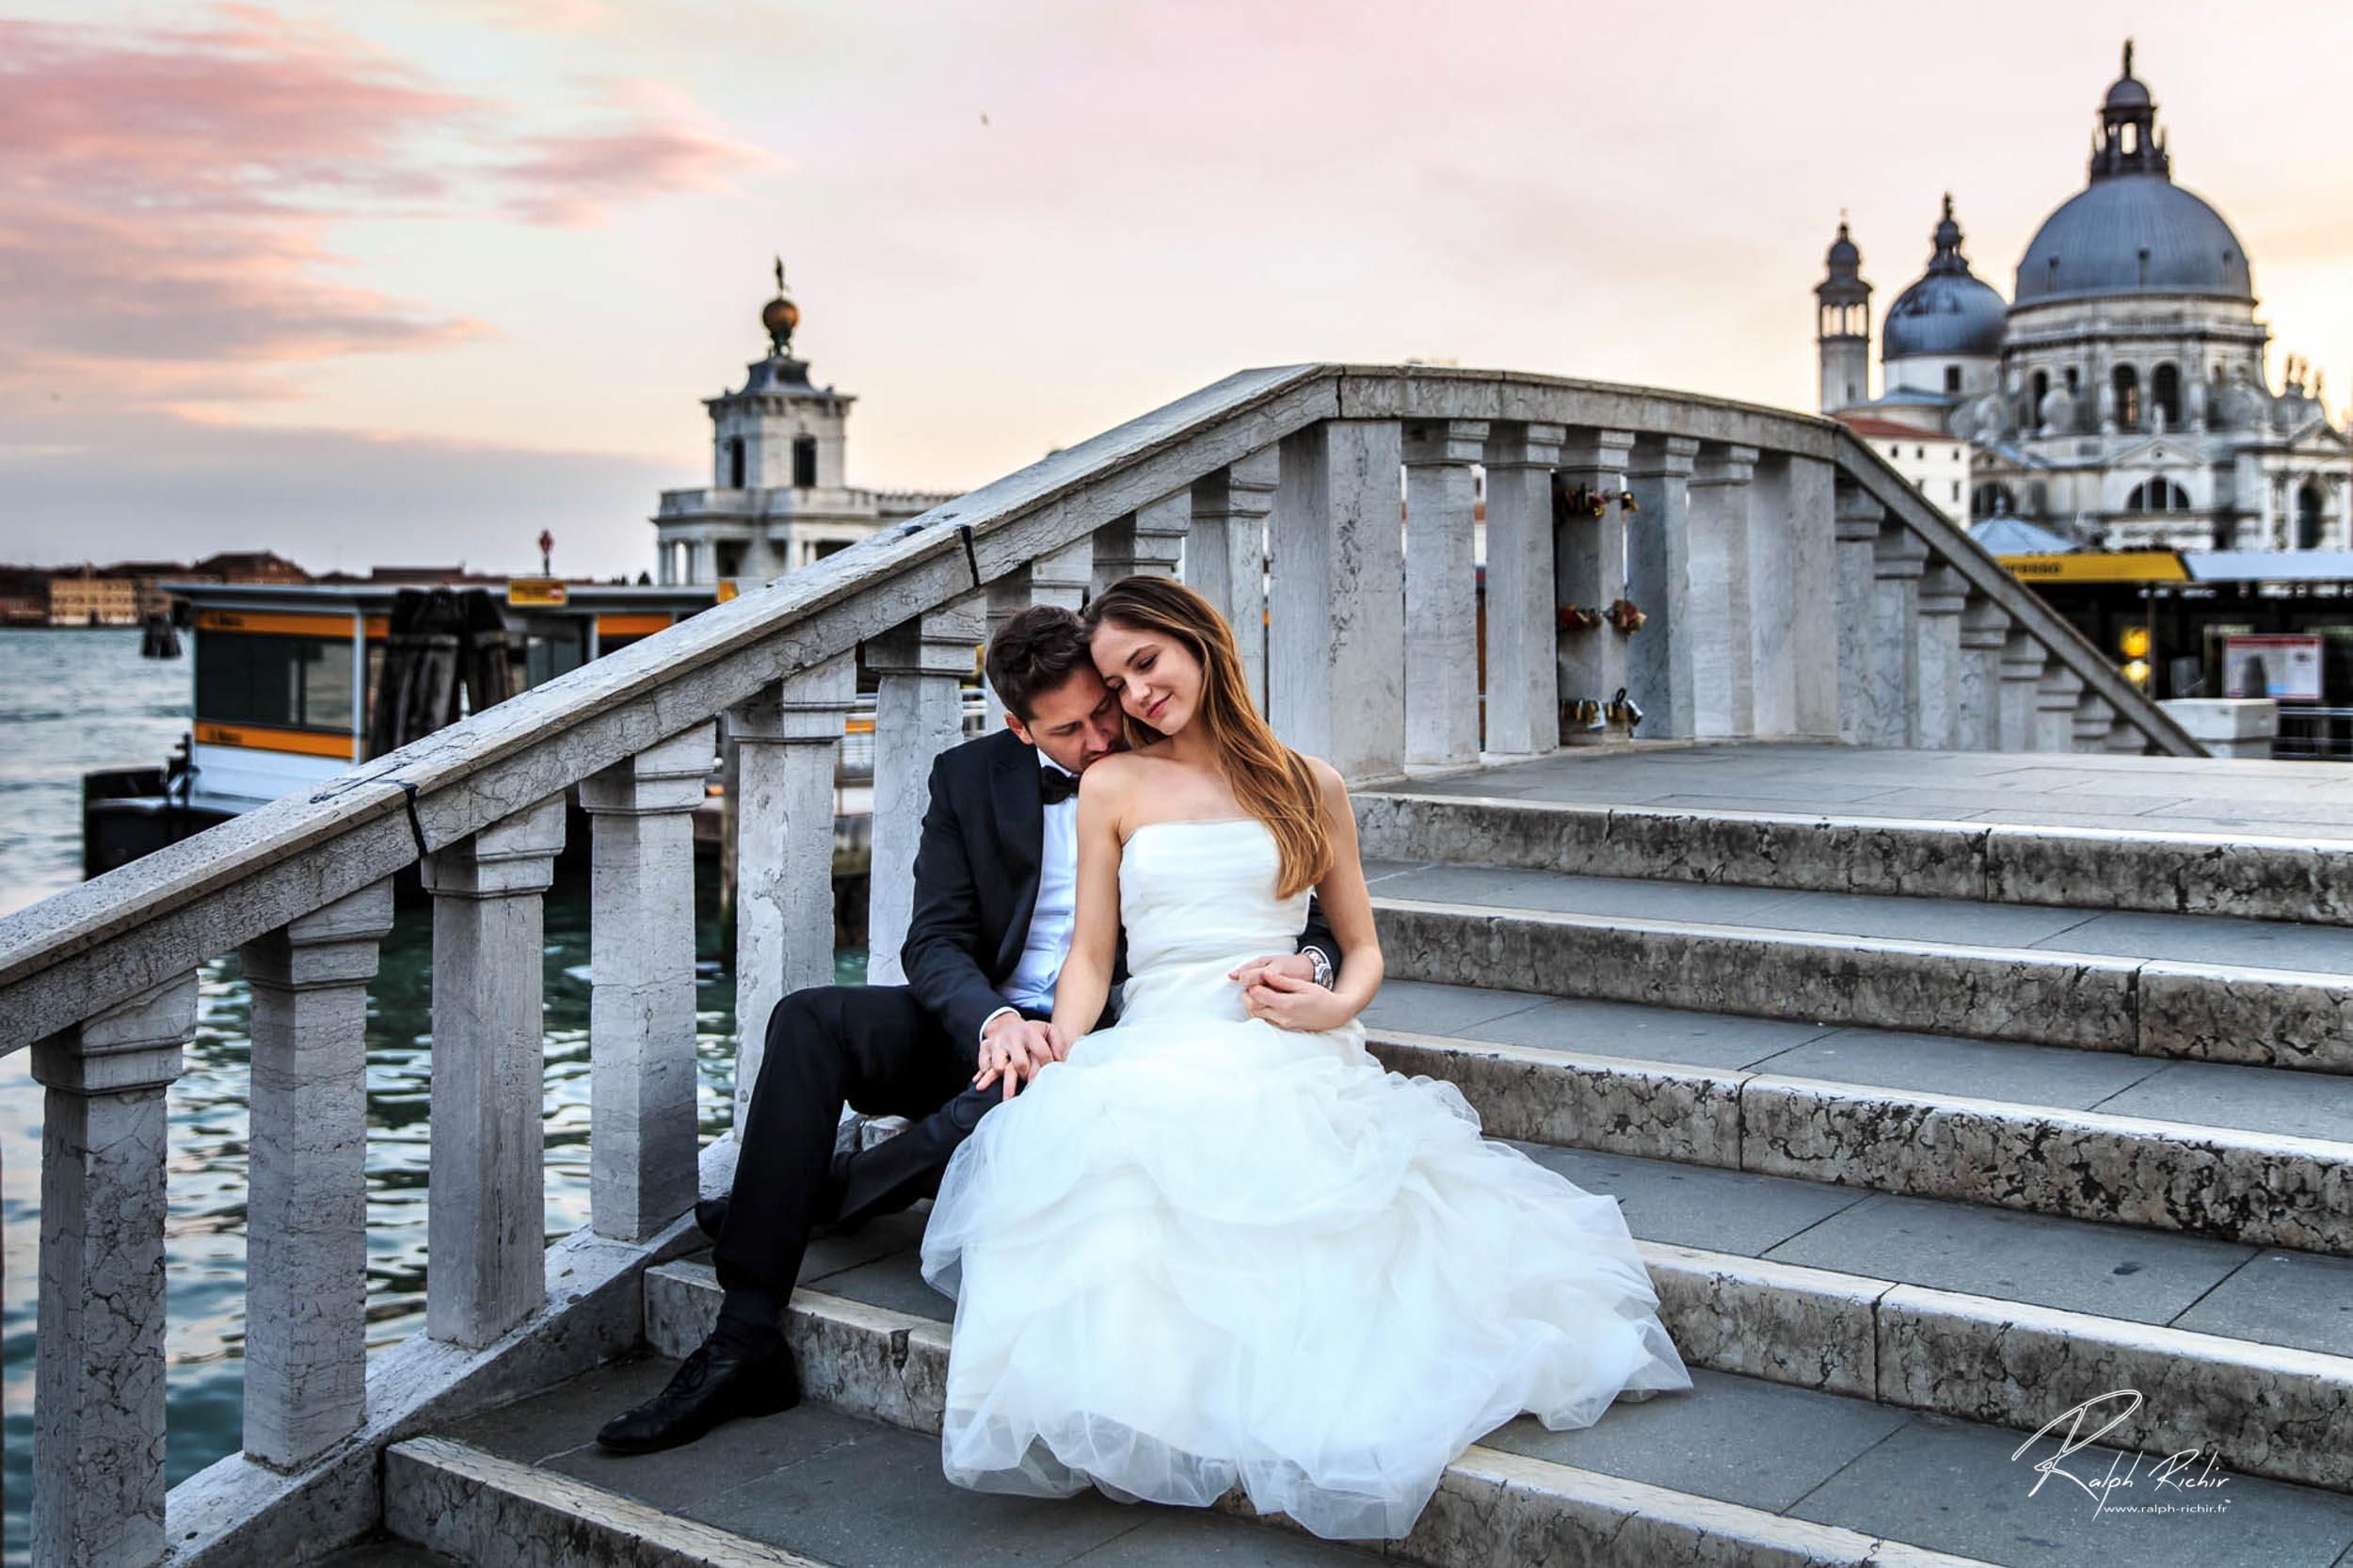 Photographe destination, mariage, Ralph Richir, www.ralph-richir.fr-4